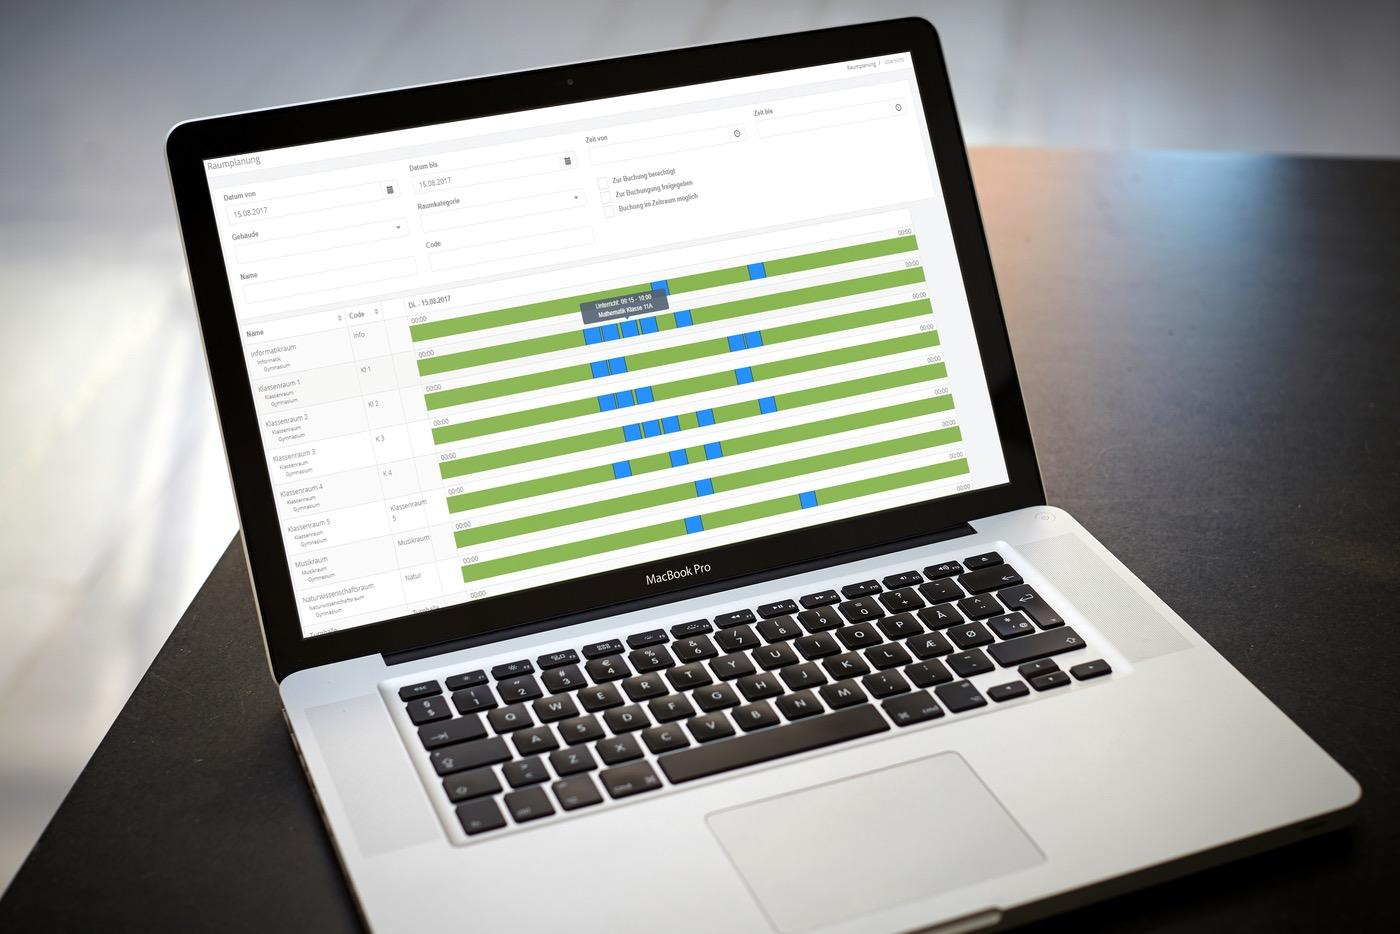 Stundenplanprogramm for Software raumplanung